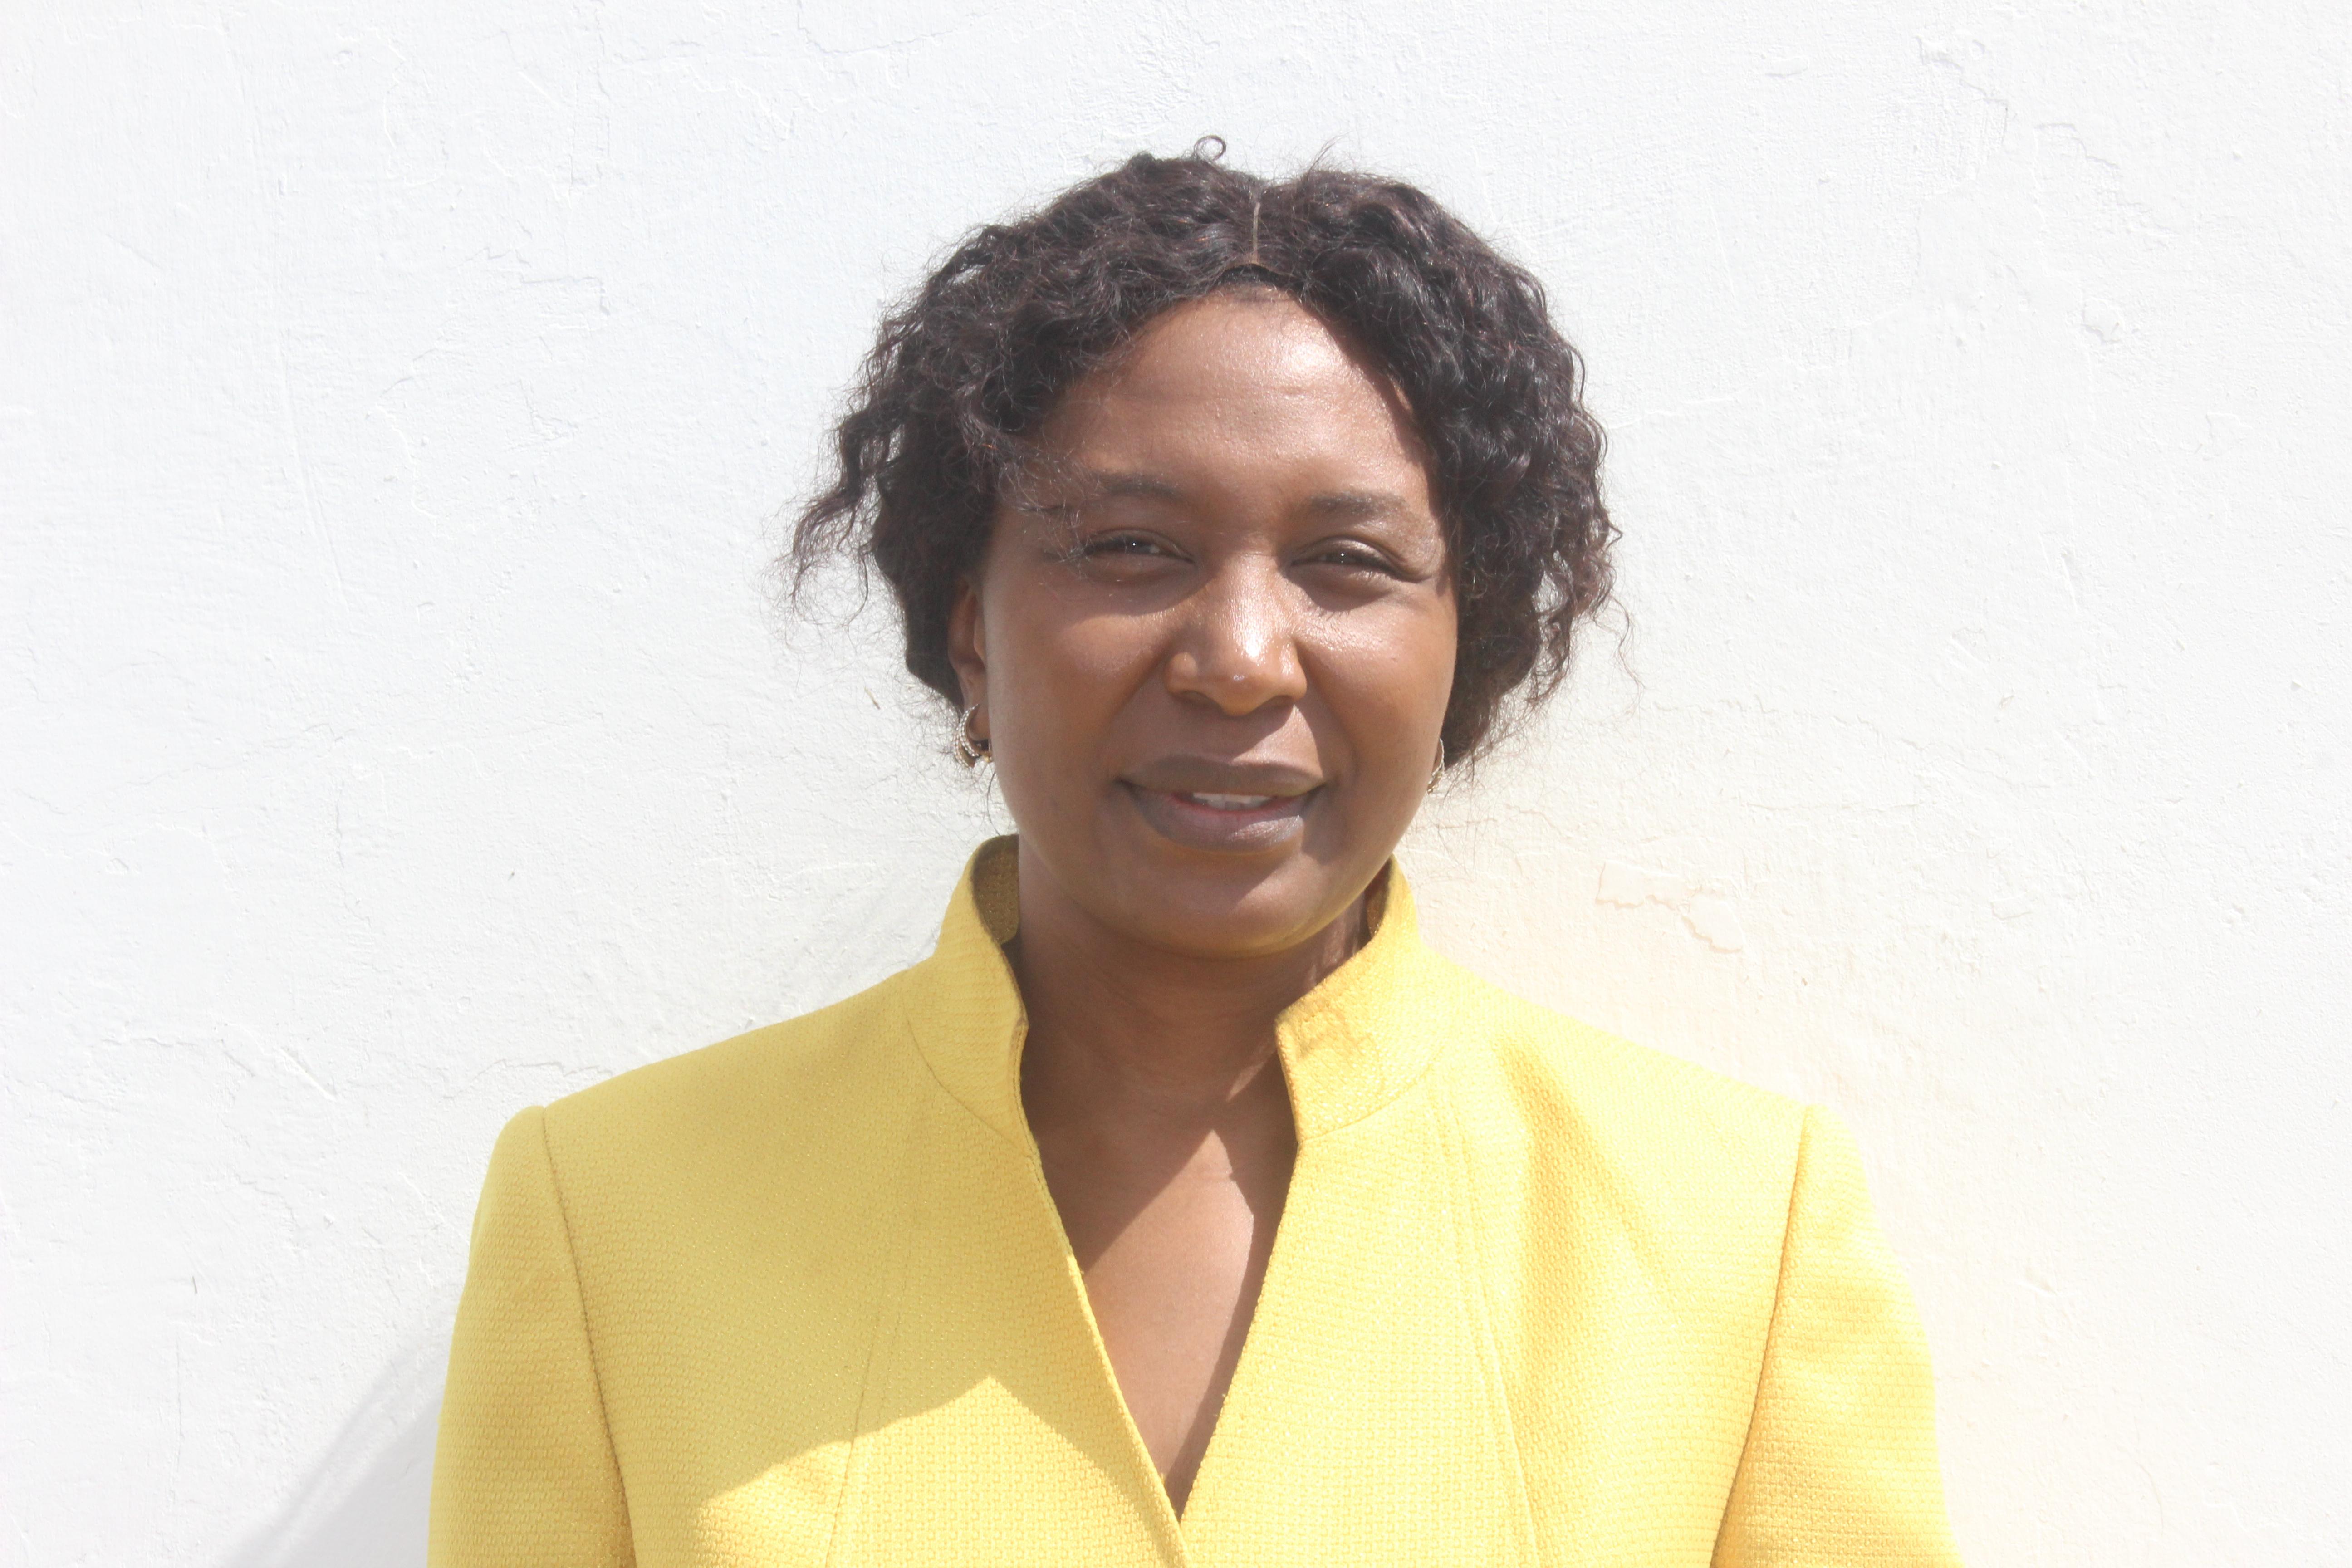 Ms. Rachael M. Zekko